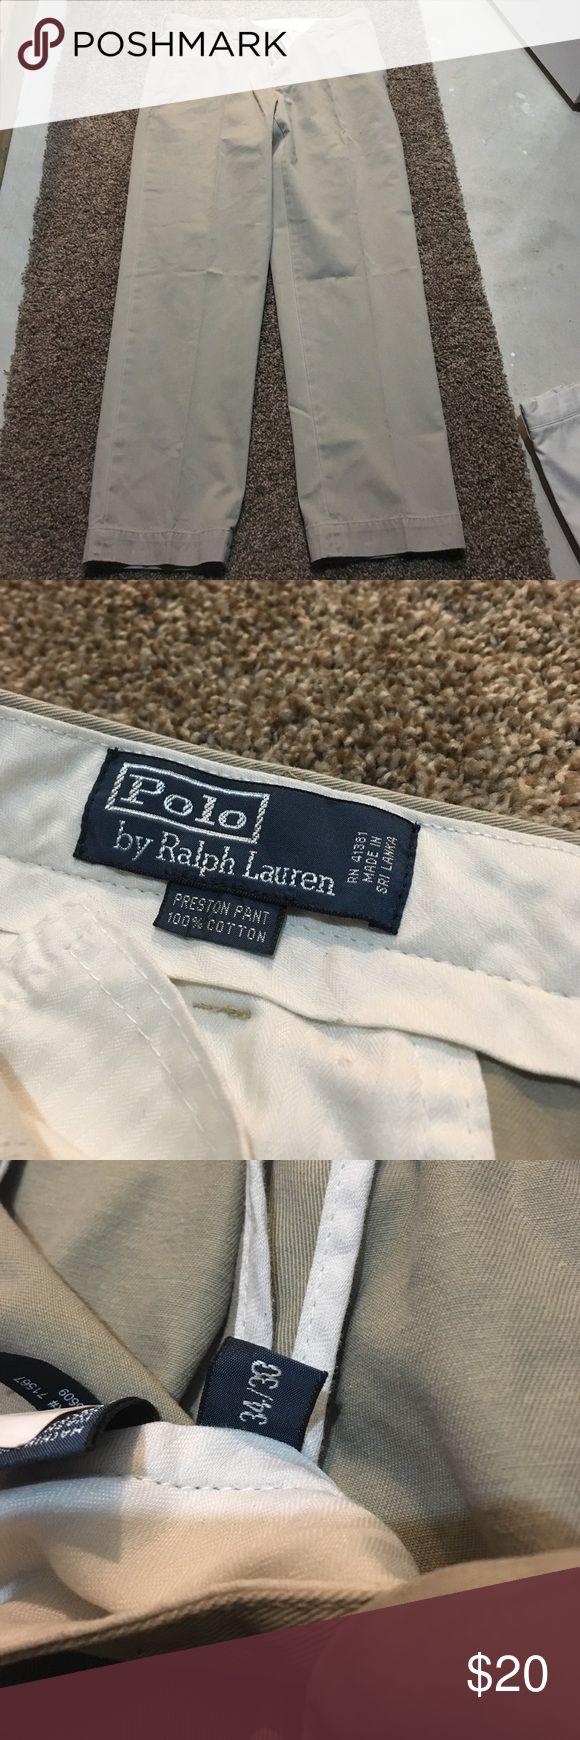 Men's polo khaki pants Men's  size 34/30 Polo khaki pants Polo by Ralph Lauren Pants Chinos & Khakis